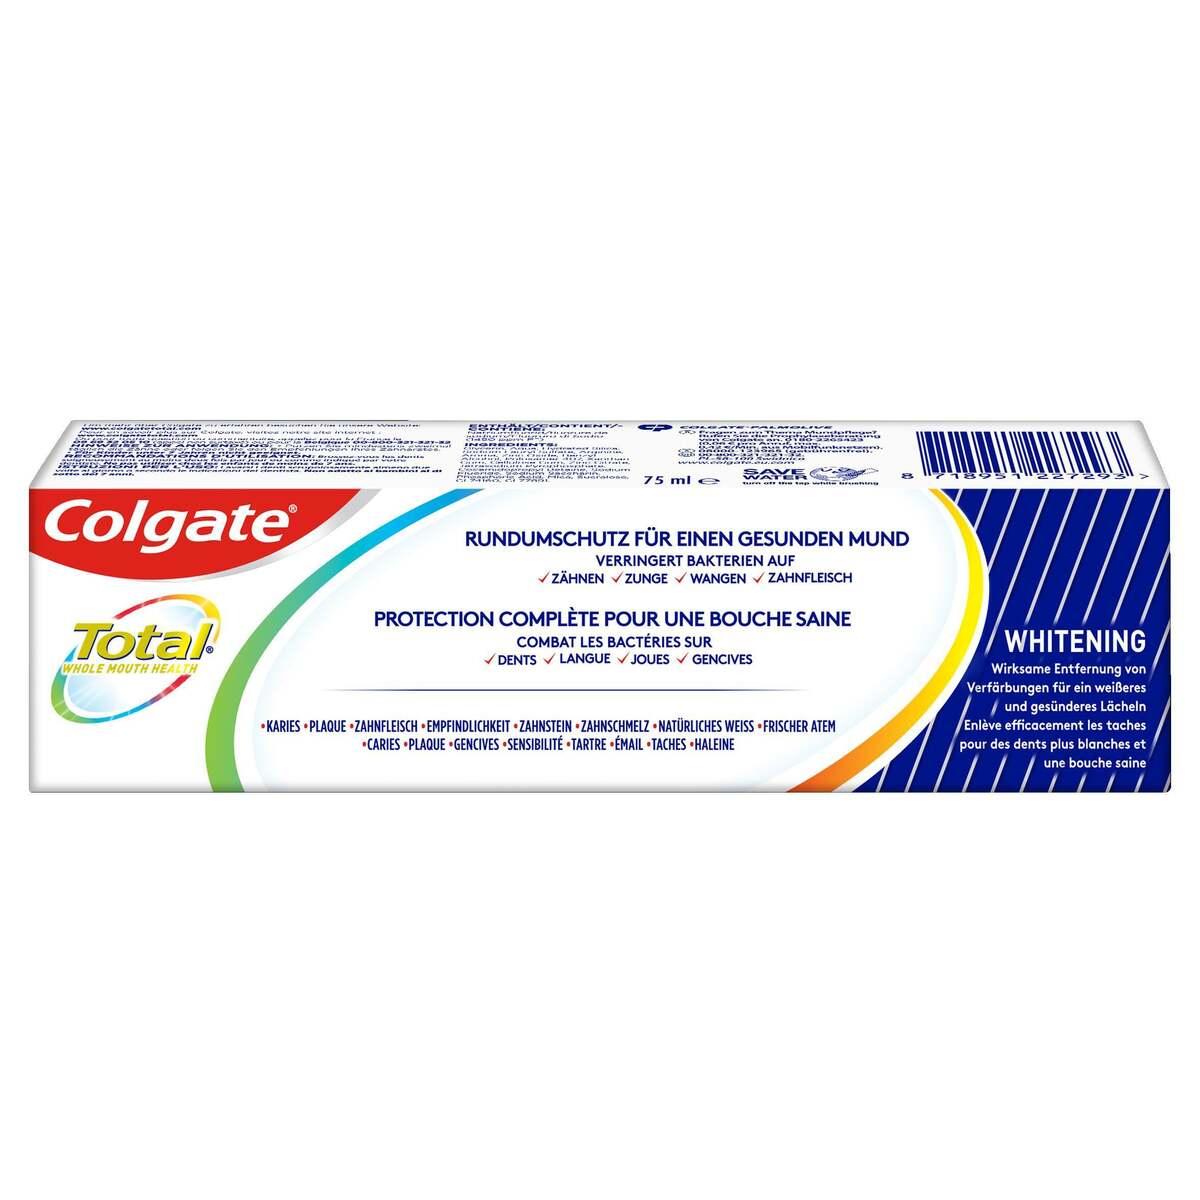 Bild 2 von Colgate Total Plus Gesundes Weiß Zahnpasta 2.65 EUR/100 ml